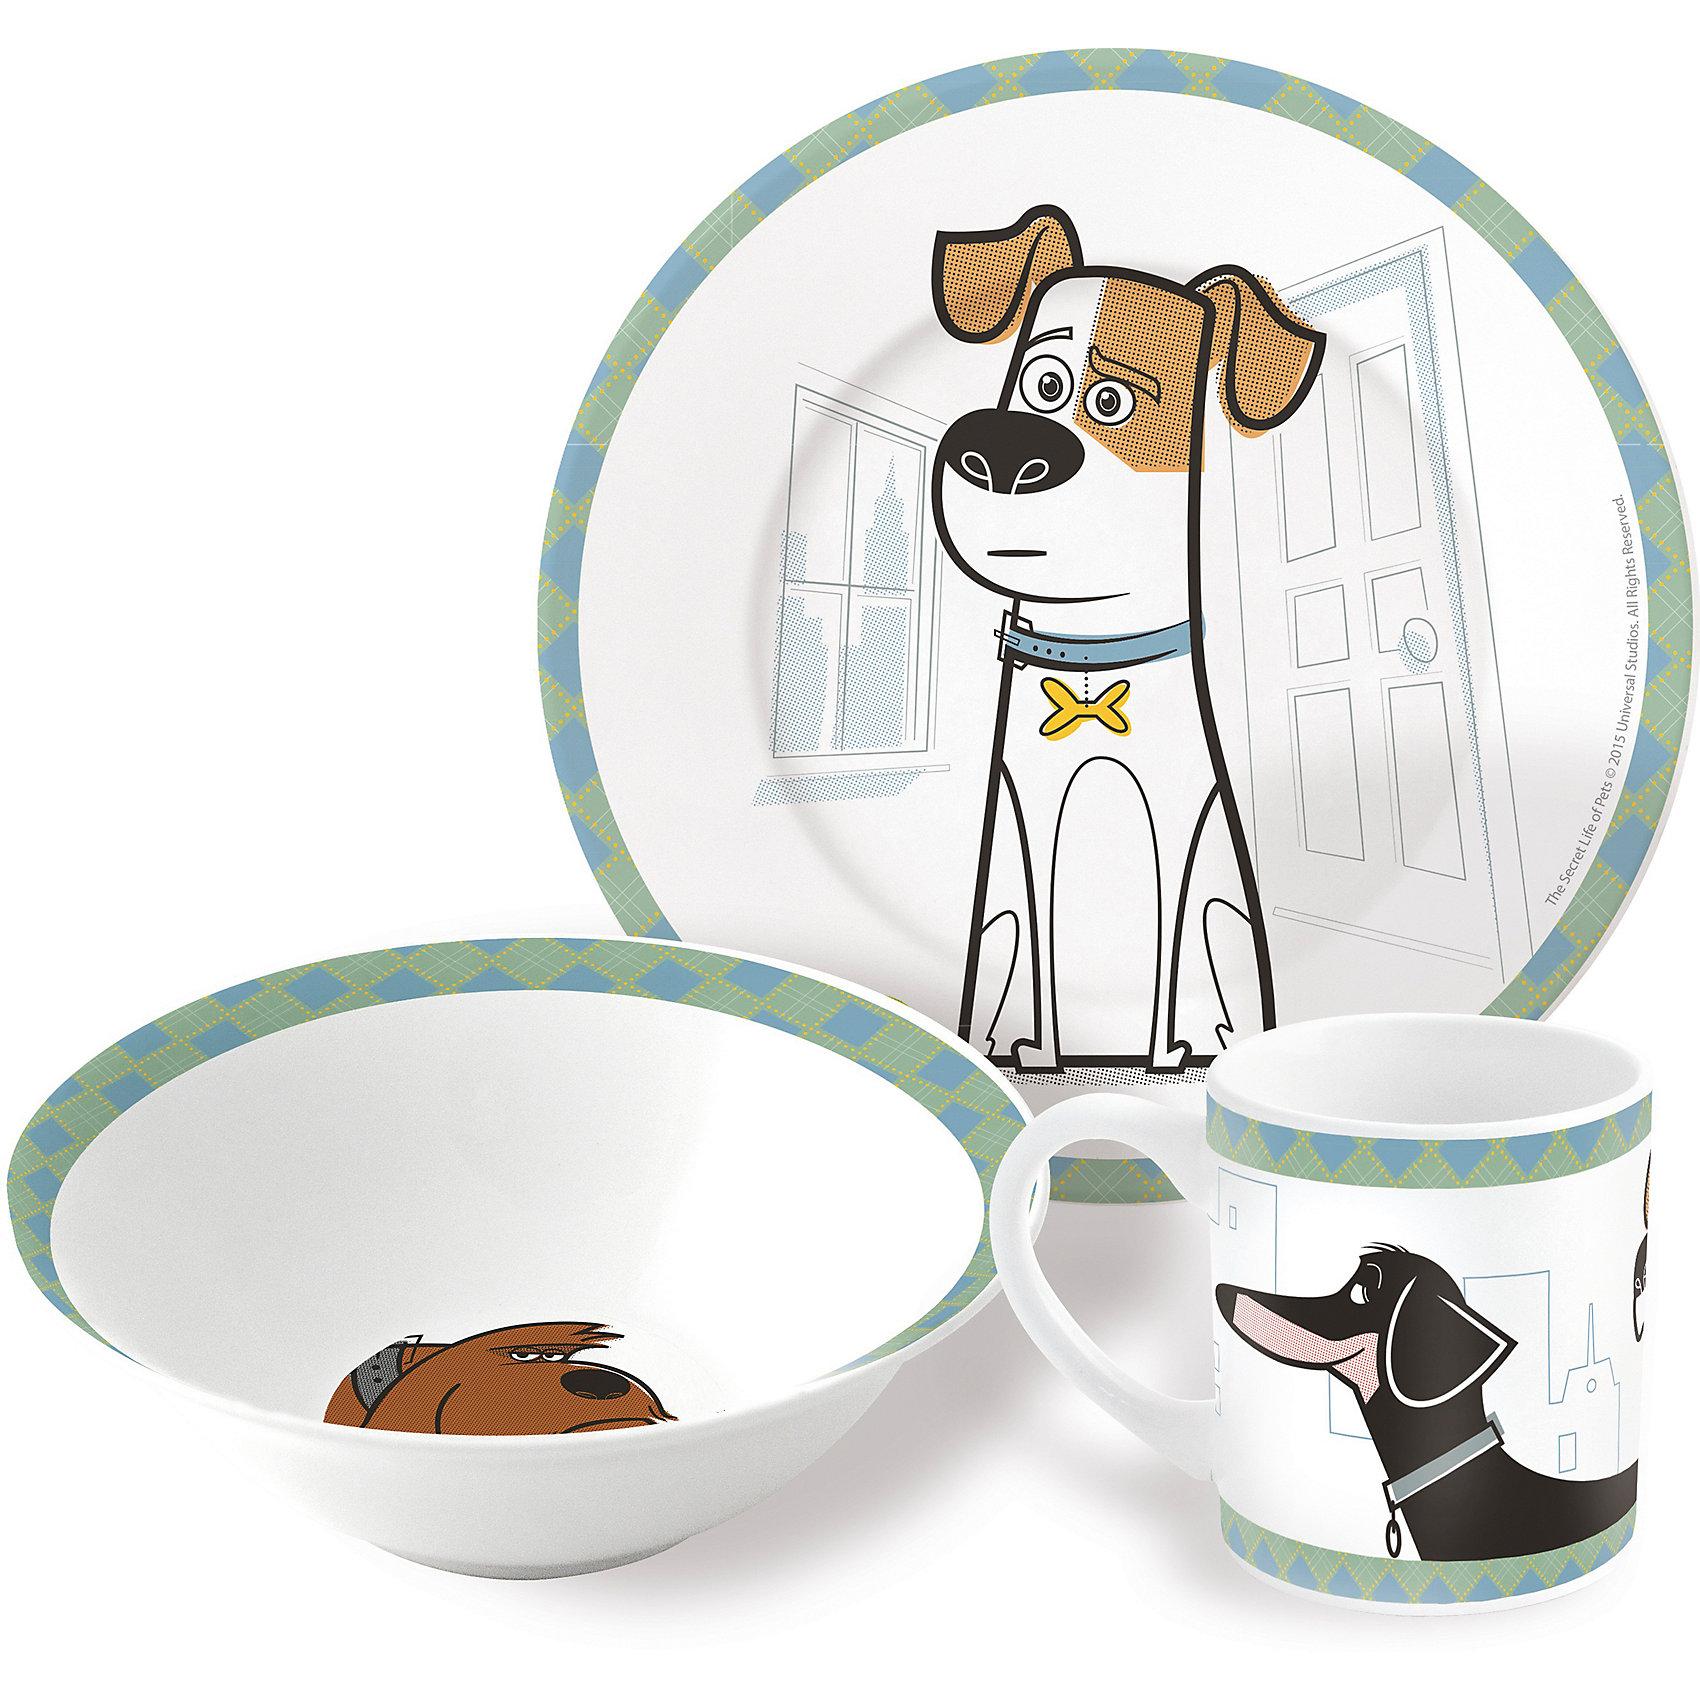 Набор керамической посуды Тайная жизнь домашних животных (3 предмета)Характеристики товара:<br><br>• материал: керамика<br>• комплектация: кружка, тарелка, миска<br>• украшен рисунком<br>• размер упаковки: 25х9х20 см<br>• упаковка: коробка<br>• вес: 964 г<br>• для продуктов питания<br>• страна производства: Китай<br><br>Такой набор посуды станет отличным подарком для ребенка! Она отличается тем, что на предметах изображены известные герои мультфильма Тайная жизнь домашних животных. Есть из предметов с любимым героем многих современных детей - всегда приятнее. Набор очень удобен, объем оптимален для детей, сюда как раз вместится детский обед. Набор продается в красивой подарочной упаковке.<br>Посуда выпущена в удобном формате, размер - универсальный. Изделия производятся из качественных и проверенных материалов, которые безопасны для детей.<br><br>Набор керамической посуды Тайная жизнь домашних животных (3 предмета) можно купить в нашем интернет-магазине.<br><br>Ширина мм: 250<br>Глубина мм: 87<br>Высота мм: 197<br>Вес г: 964<br>Возраст от месяцев: 36<br>Возраст до месяцев: 108<br>Пол: Унисекс<br>Возраст: Детский<br>SKU: 5282082